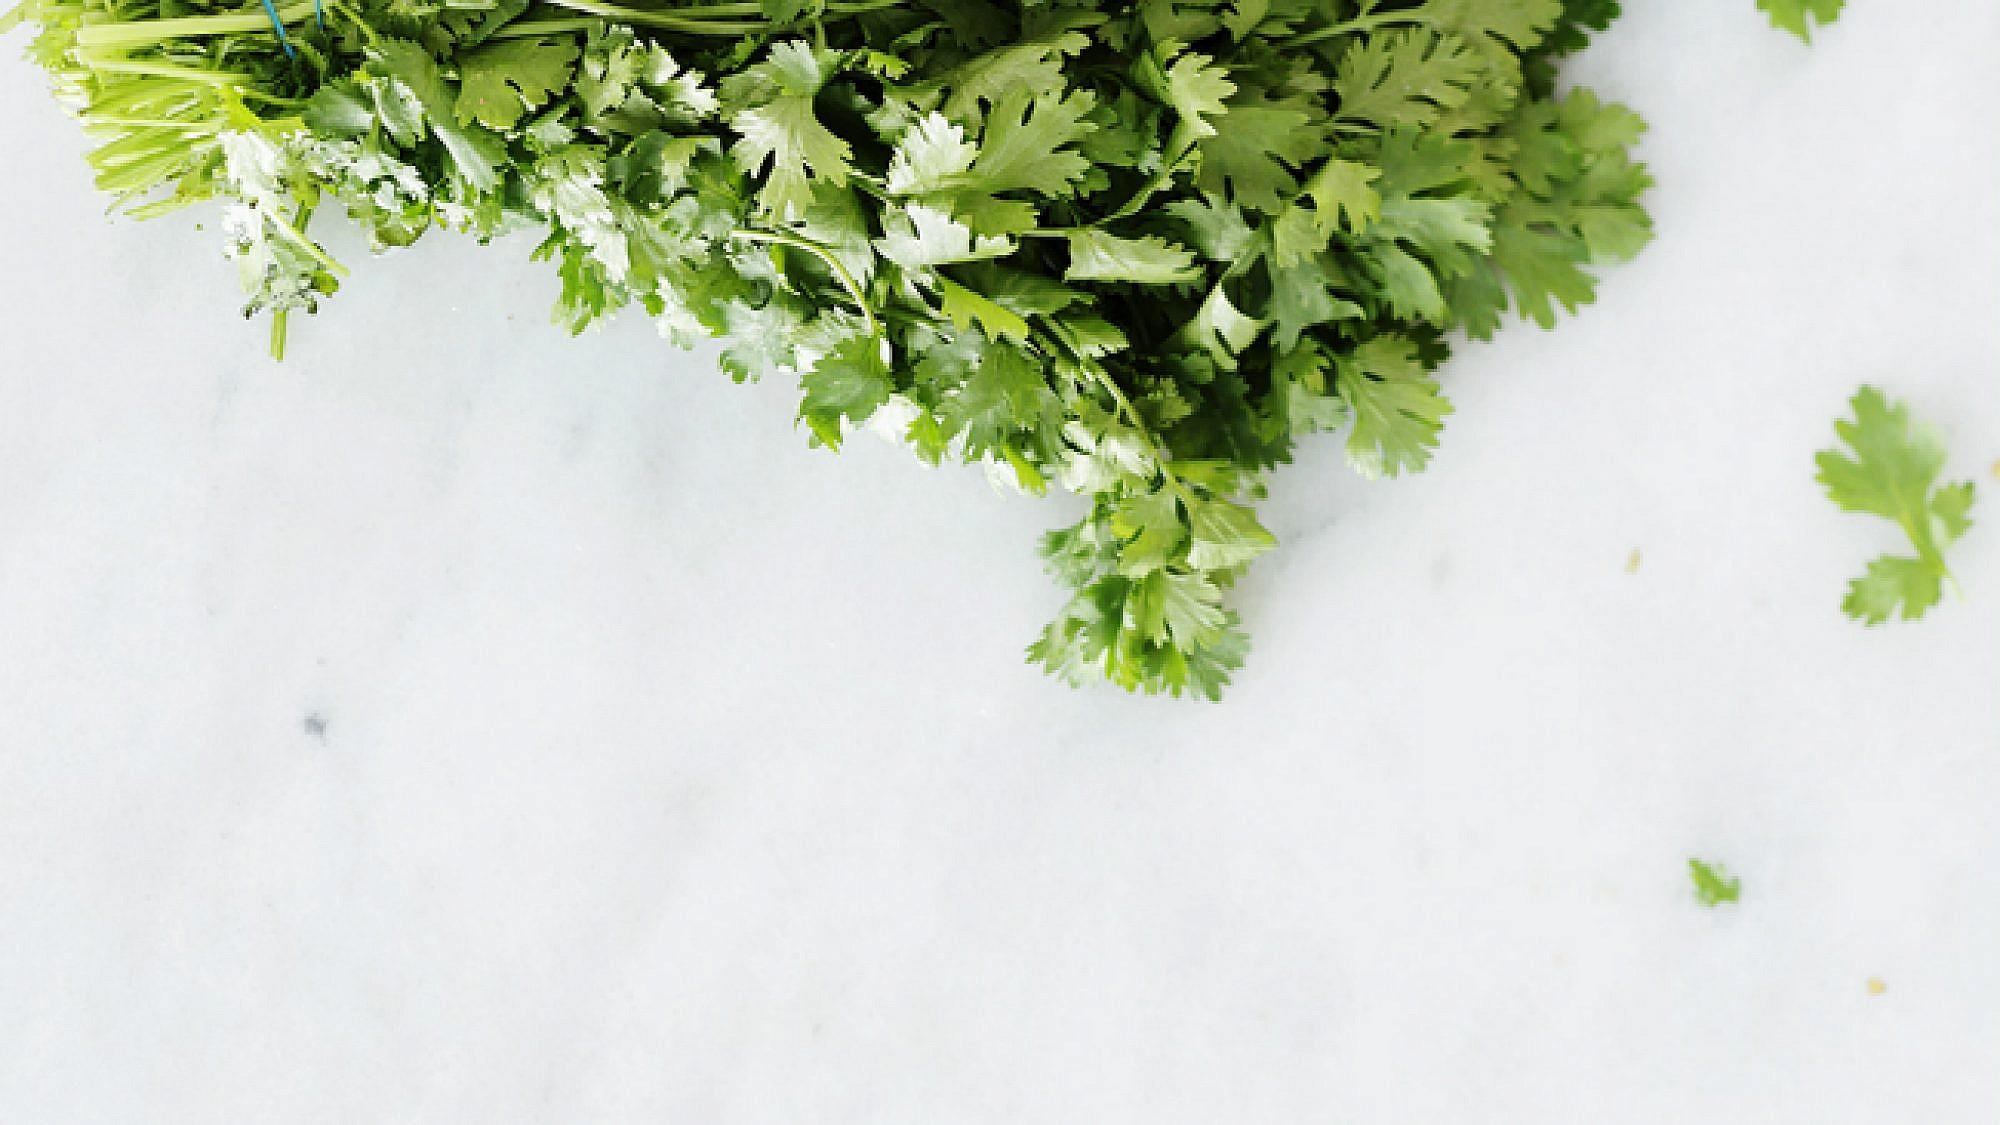 סלט עשבי תיבול, קשיו ולימון. צילום: דניה ויינר   סגנון: אוריה גבע